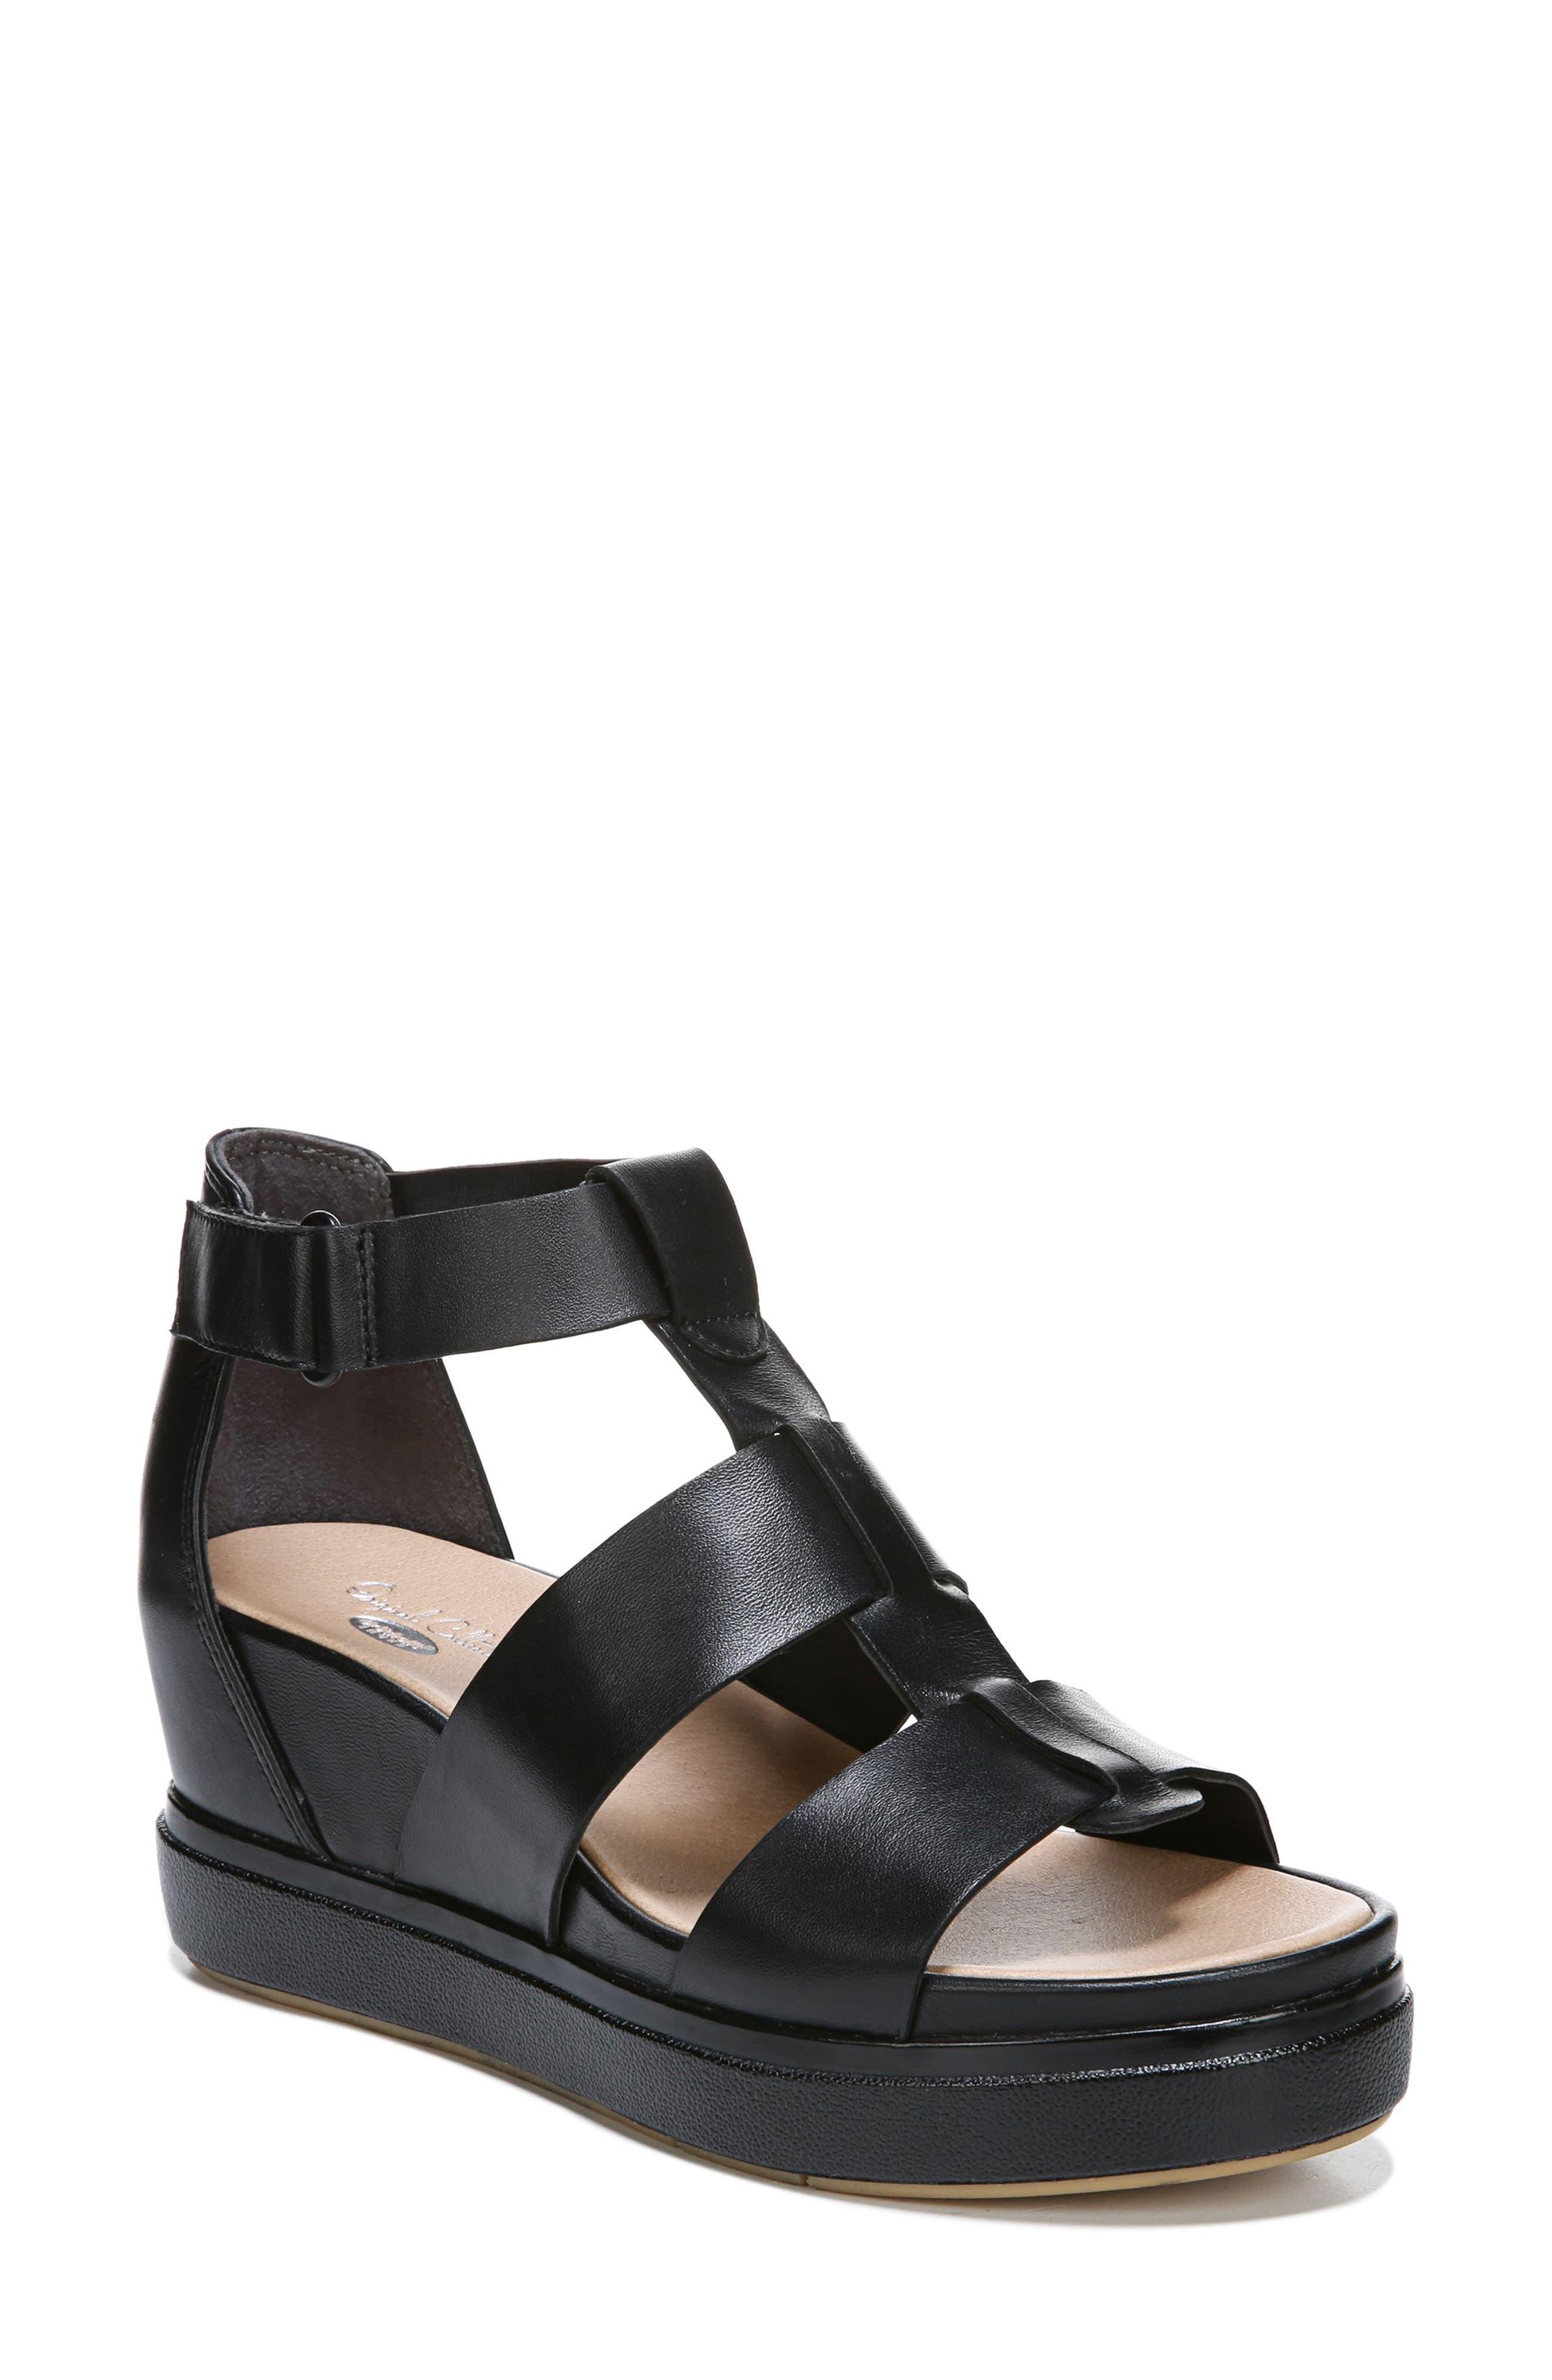 Dr. Scholls Saffron Wedge Sandal (Women)